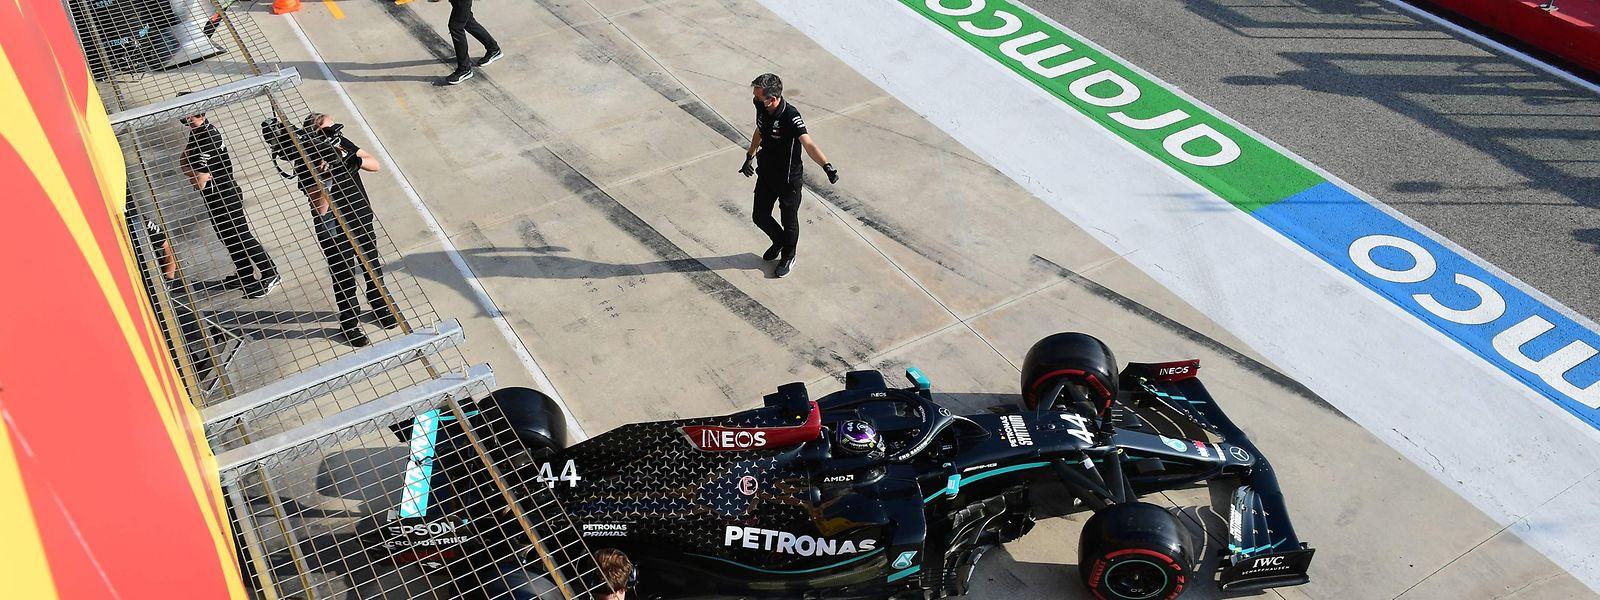 Mercedes-Fahrer Lewis Hamilton startet als Titelverteidiger in die Saison.